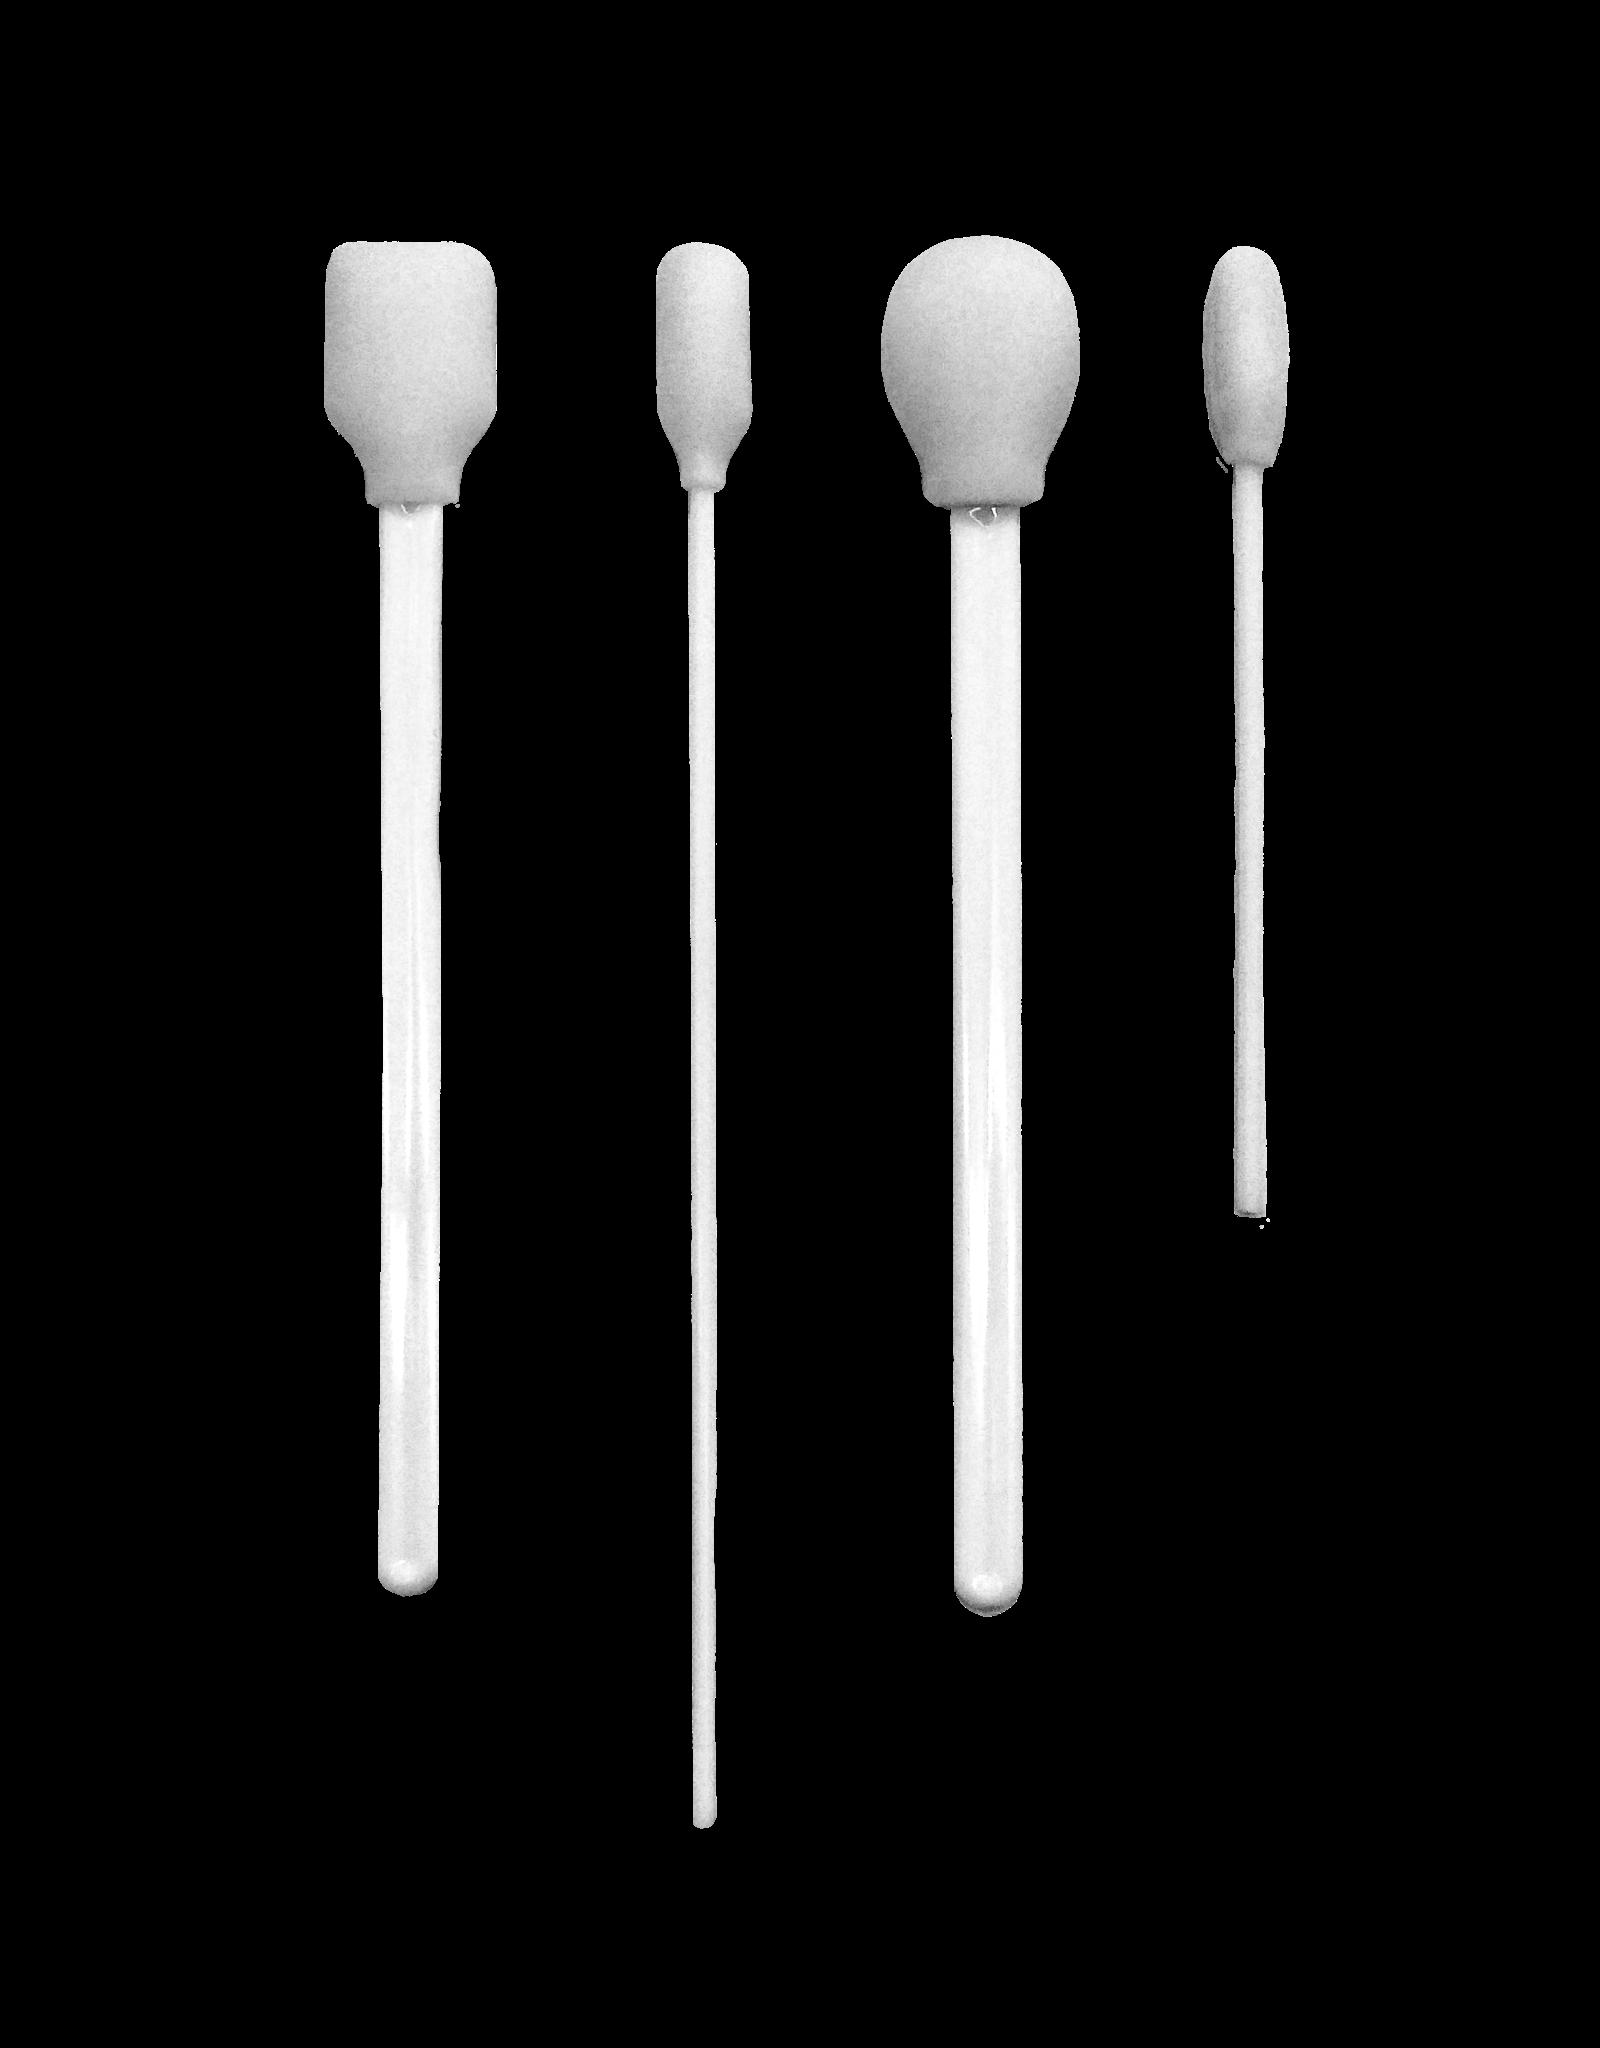 ADBL Detailing Swabs Reinigungspinsel 4er-Set